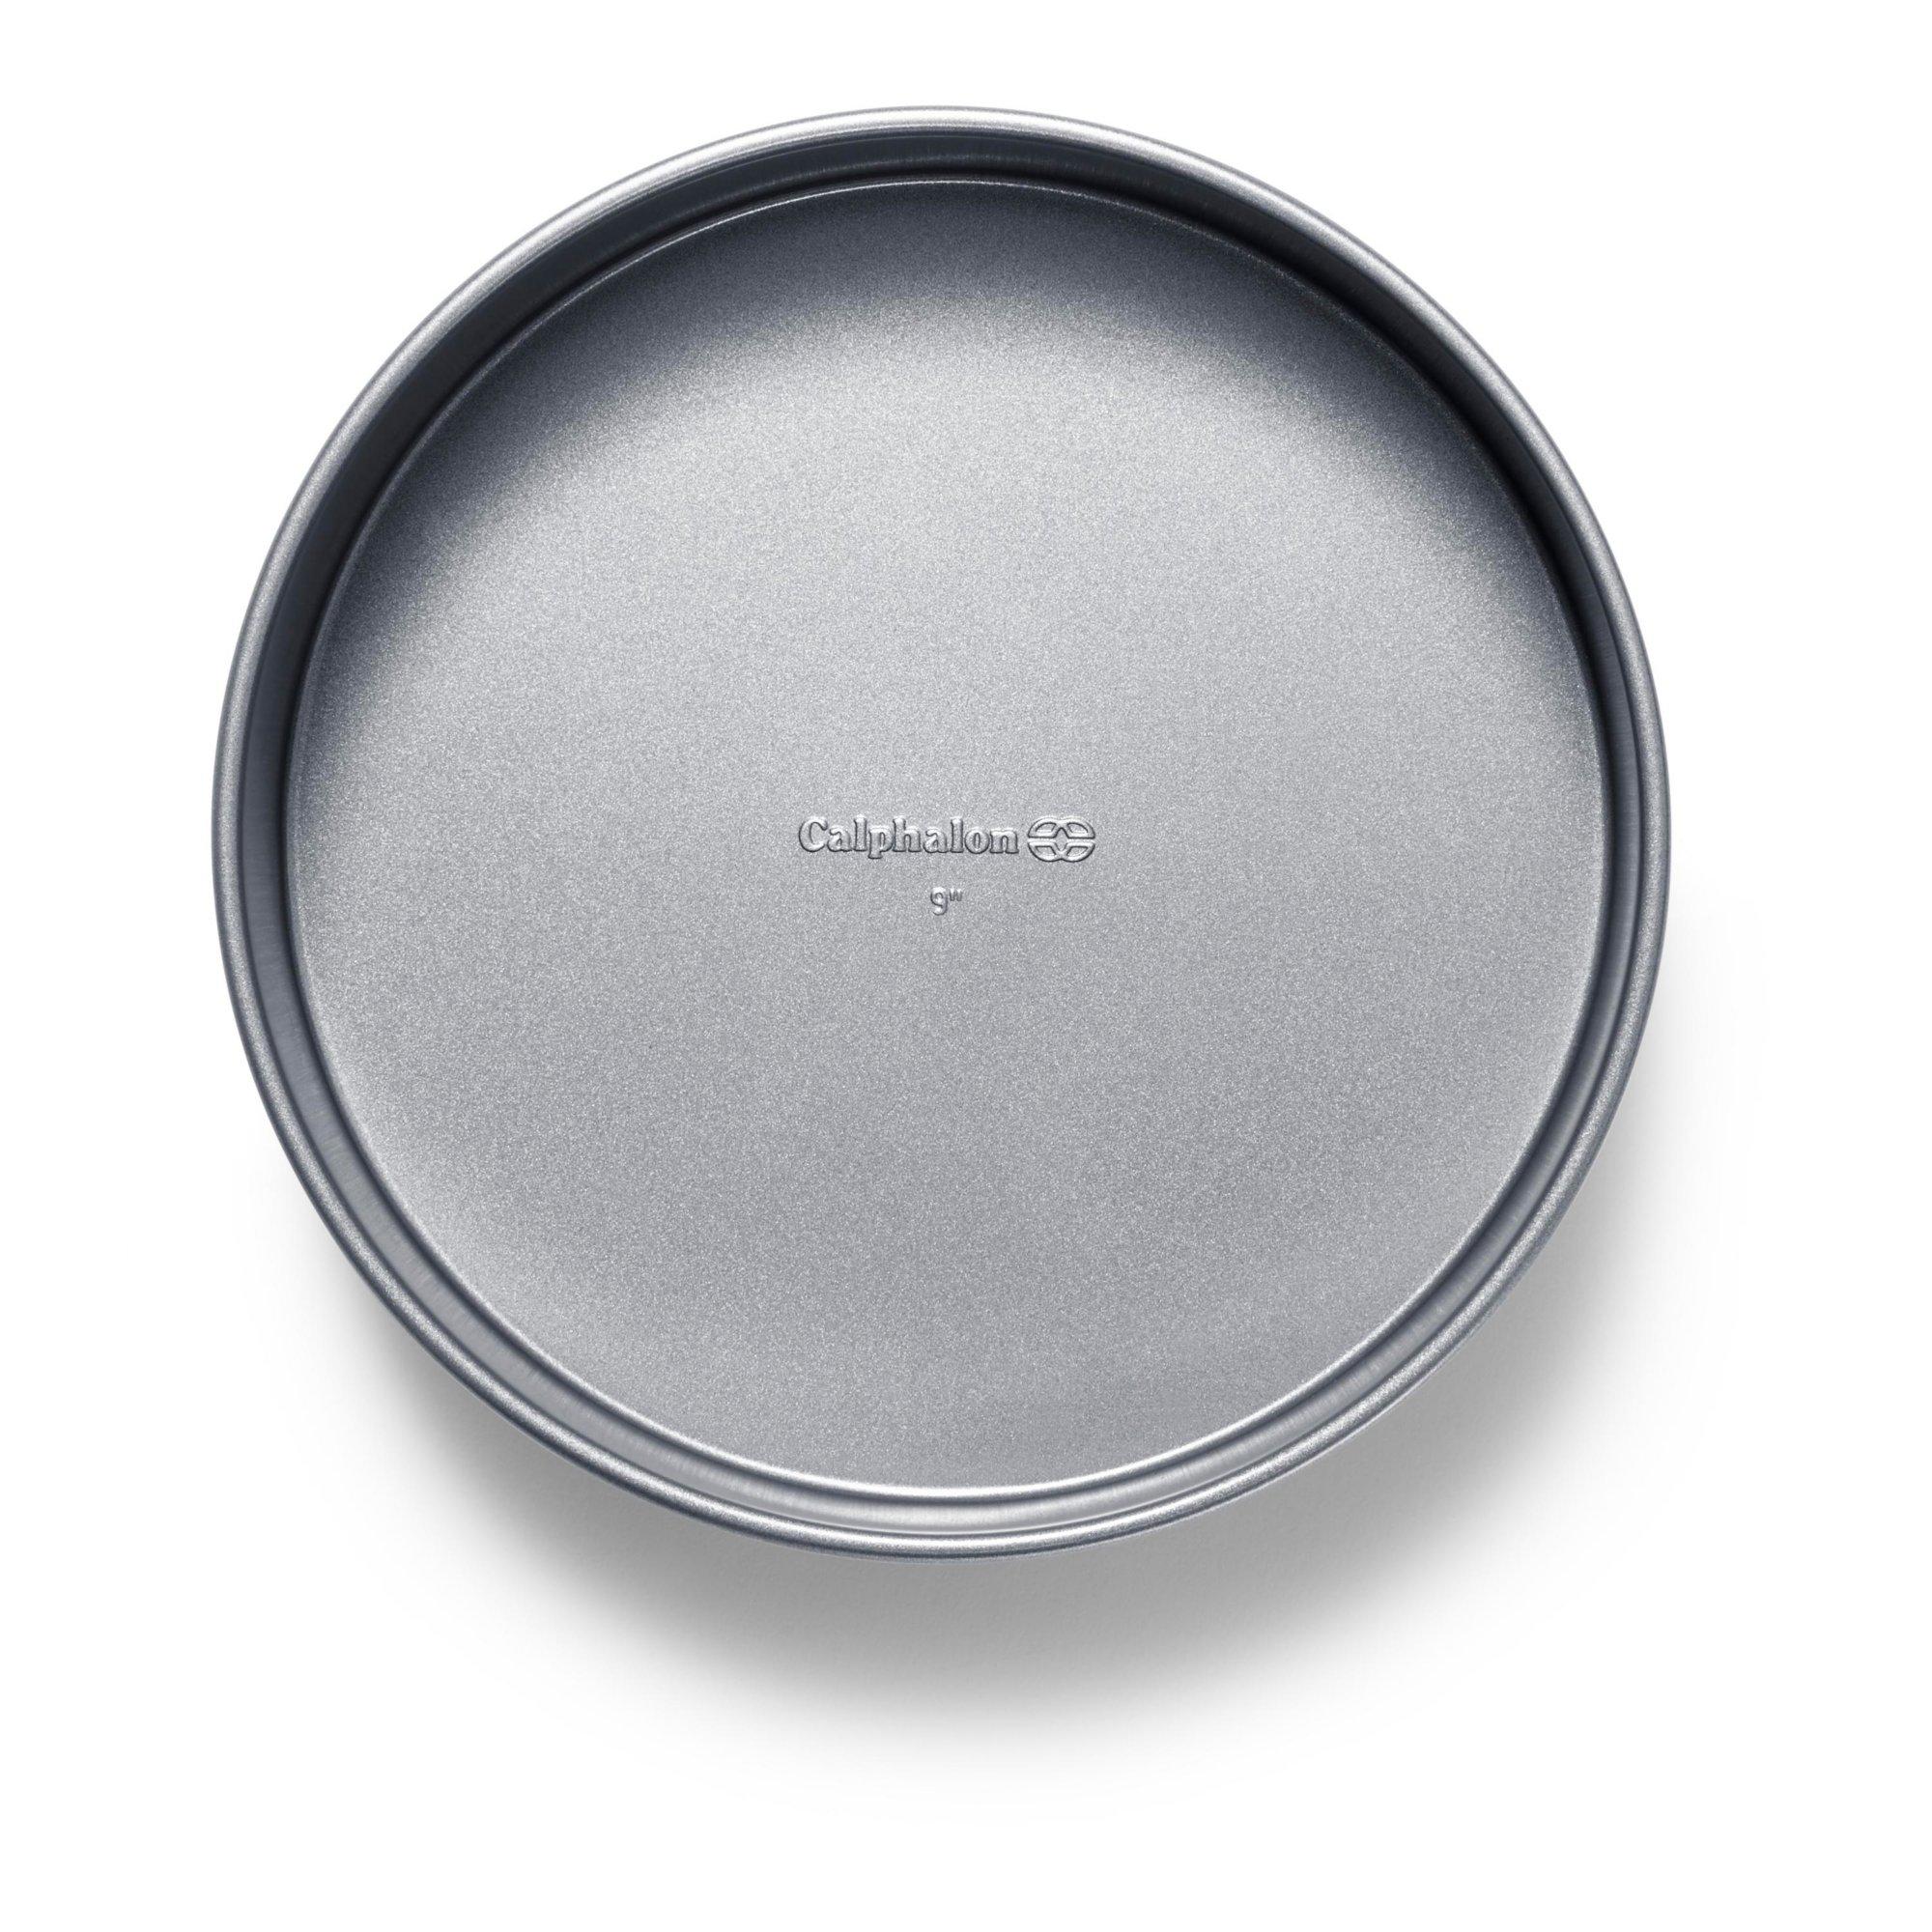 Calphalon Premier Countertop Safe Bakeware 9 Inch Round Cake Pan